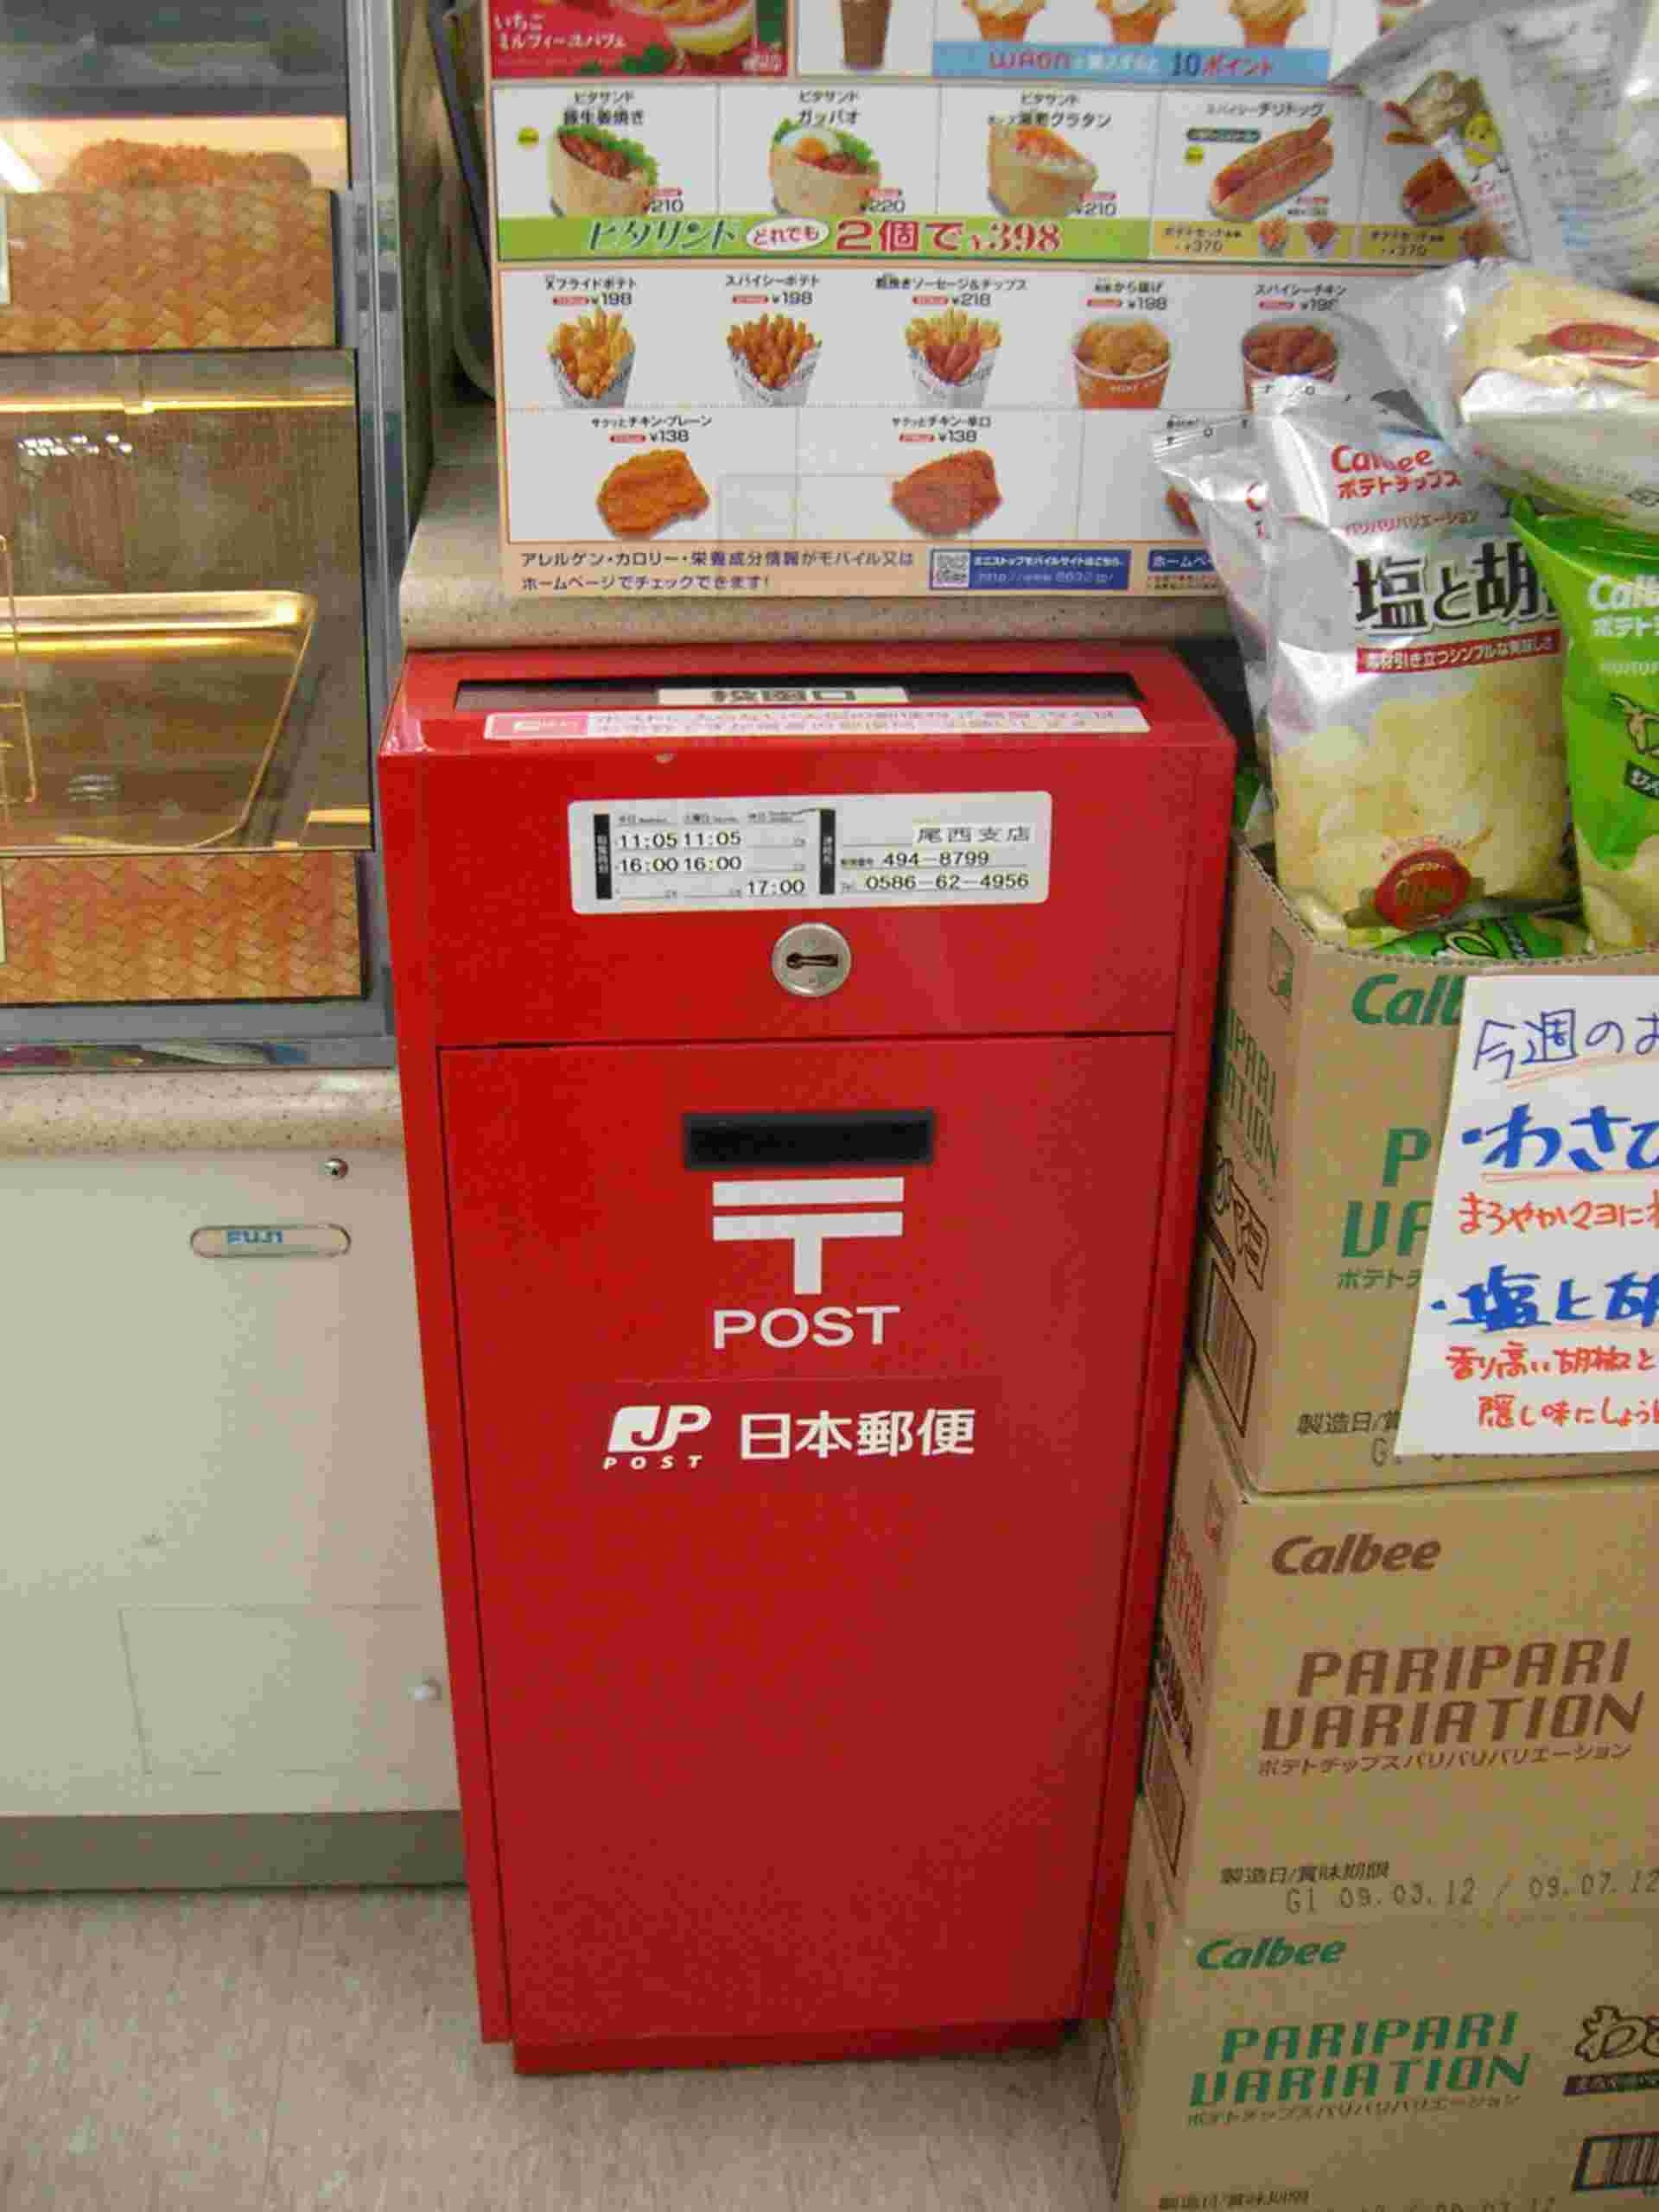 コンビニ 近くの郵便ポスト ファミリーマートに郵便ポストはあるのか?その他のコンビニは?